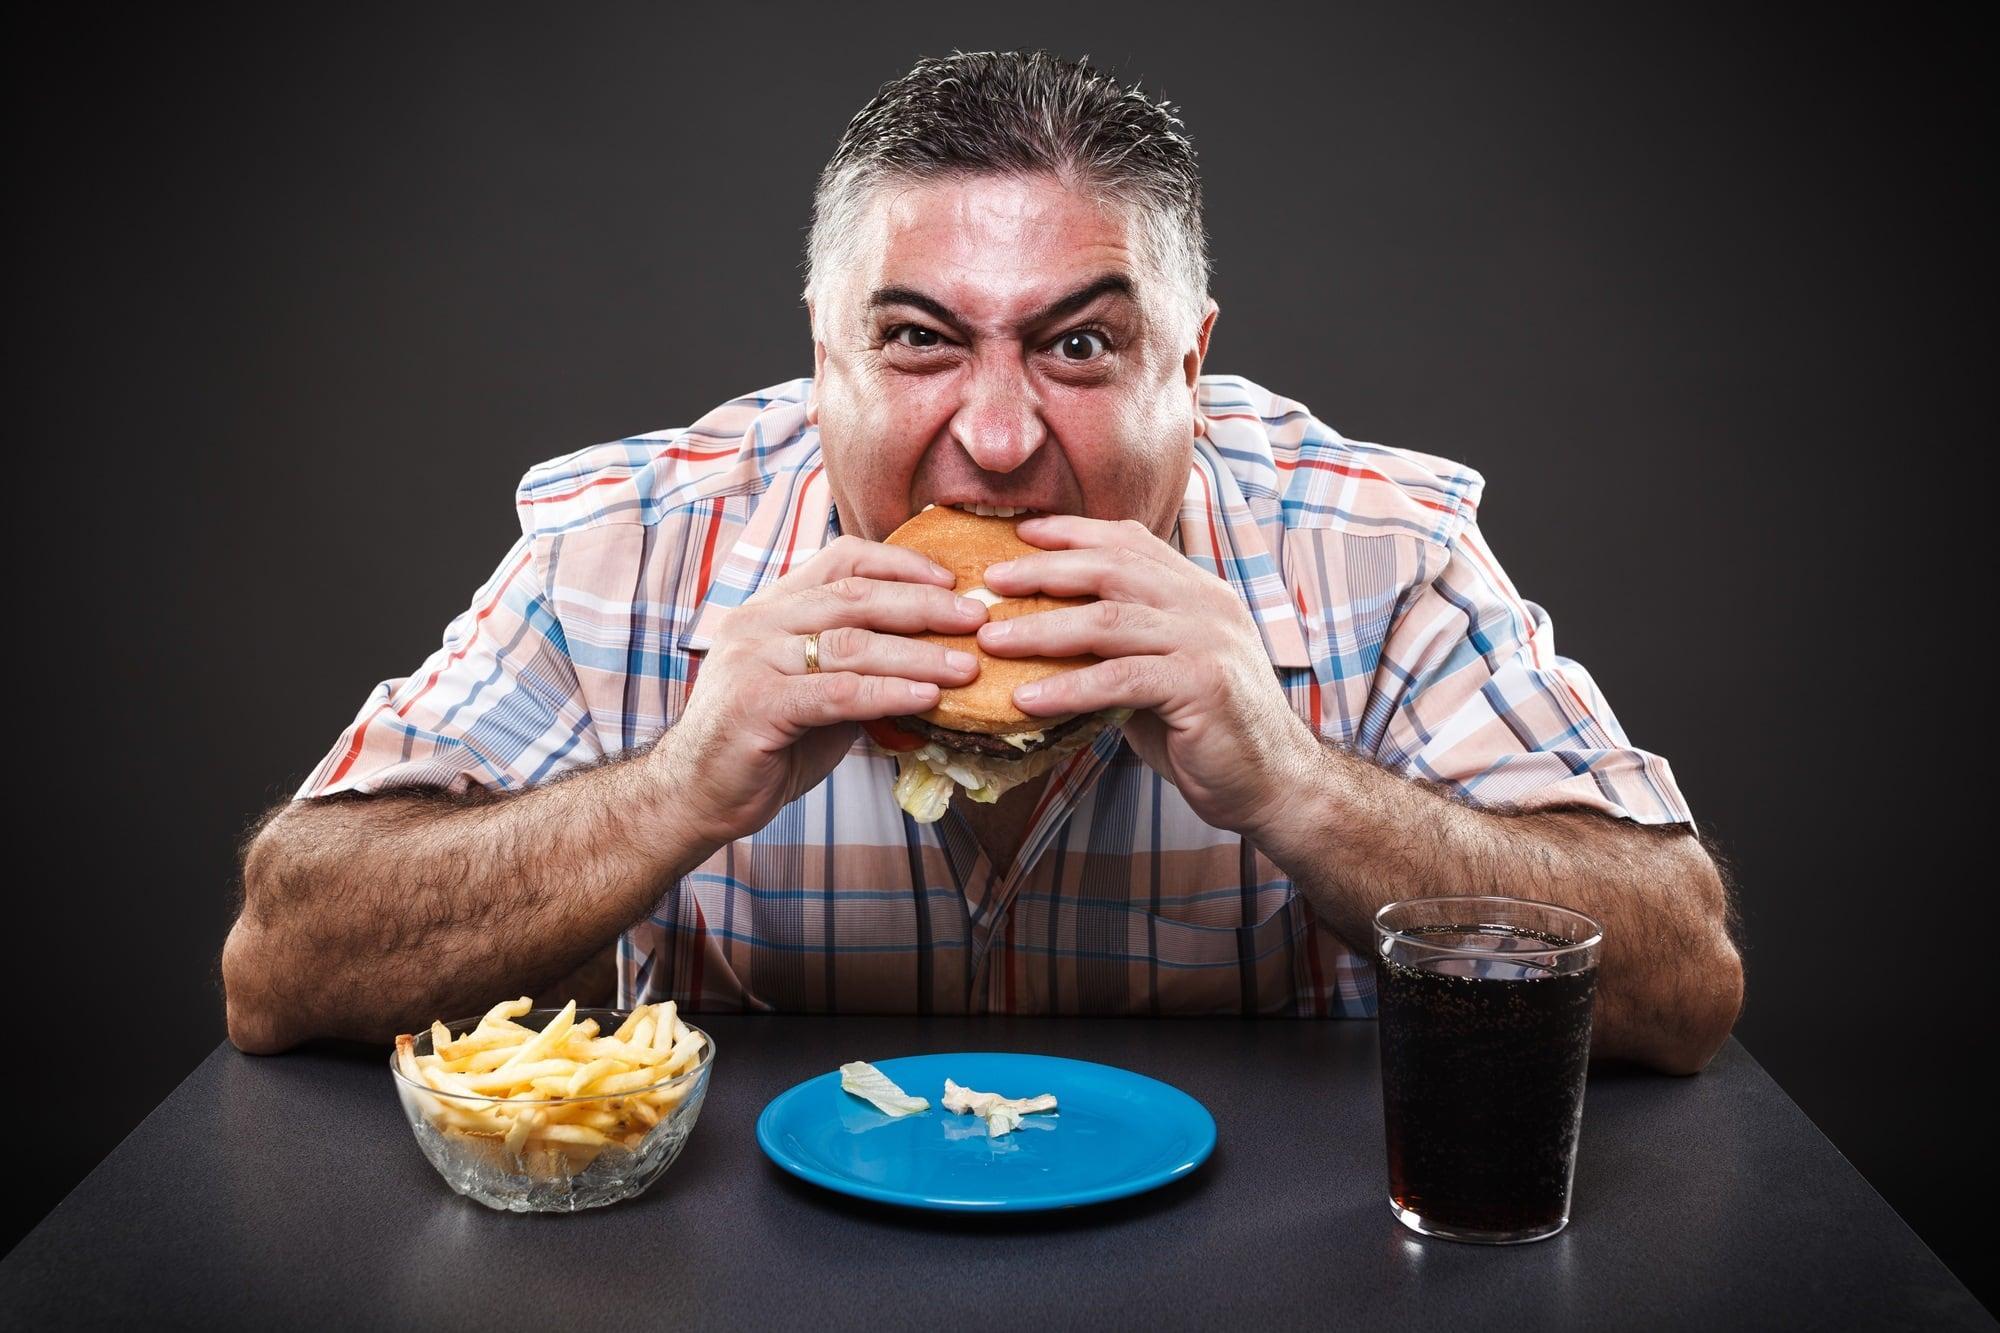 Пять рисков для здоровья, связанных с быстрой едой